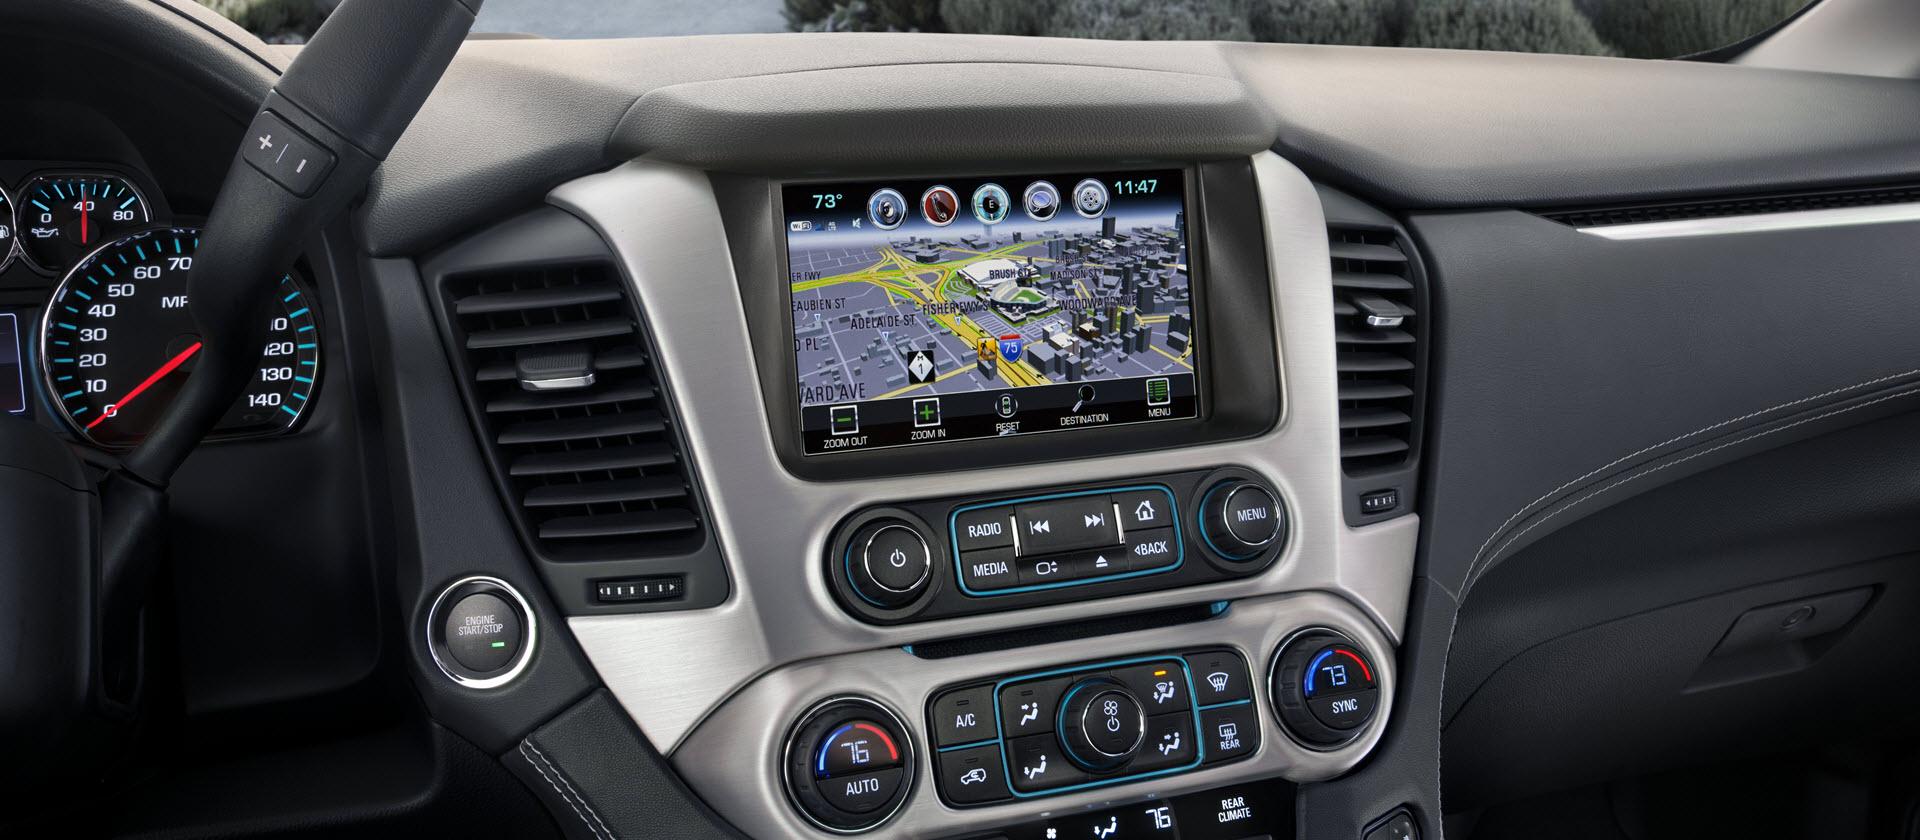 2017 GMC Yukon Denali Interior Dashboard ...